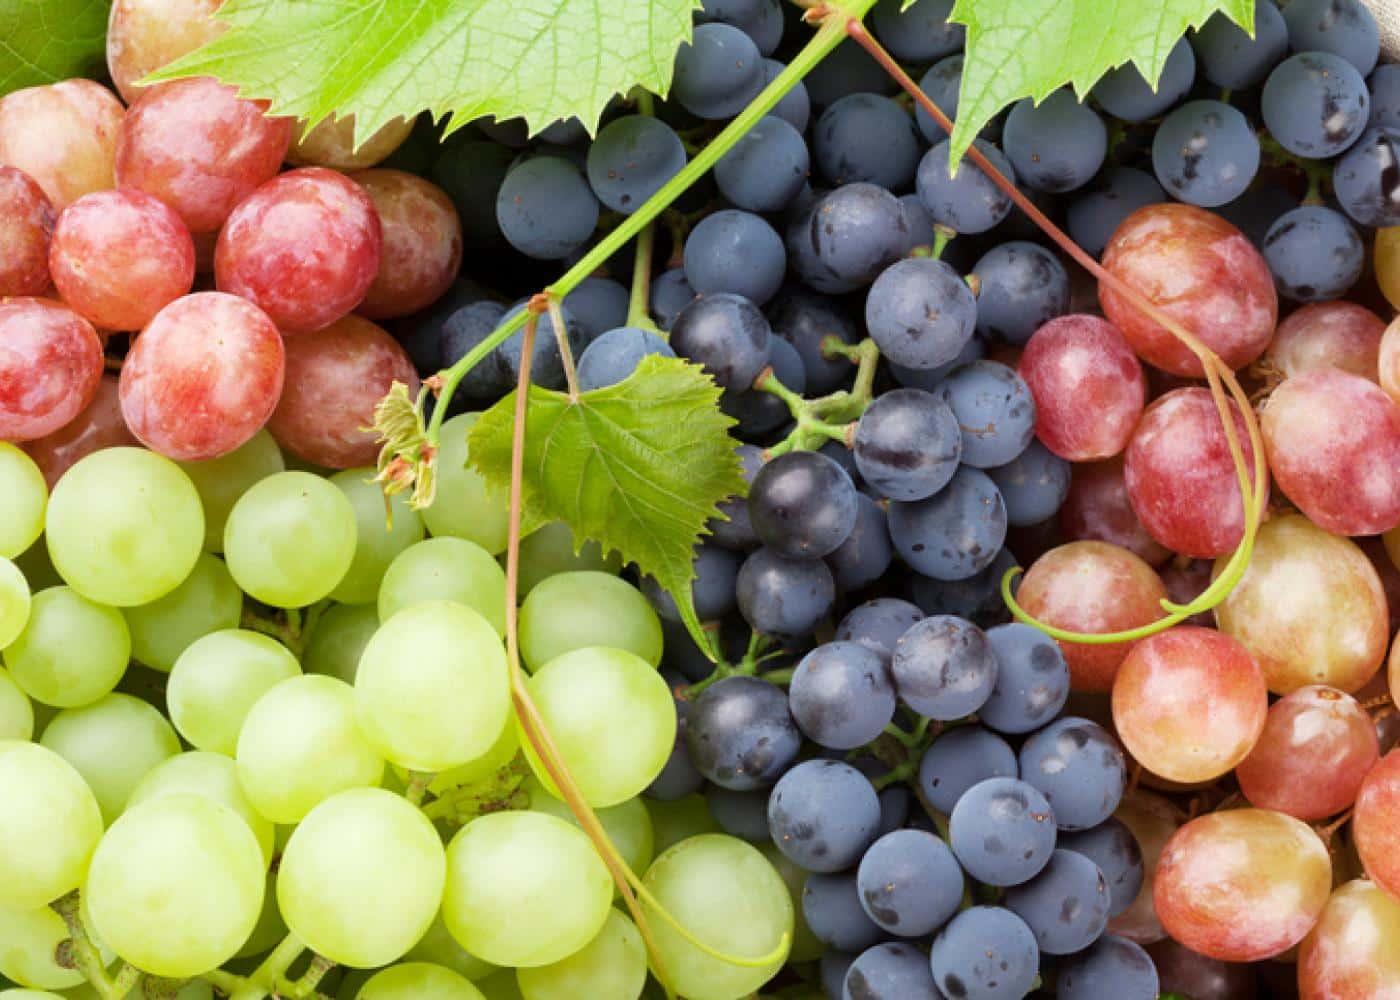 مجلة ألمانية تكشف عن فاكهة يمنية تحارب الشيخوخة - المجلة الطبية